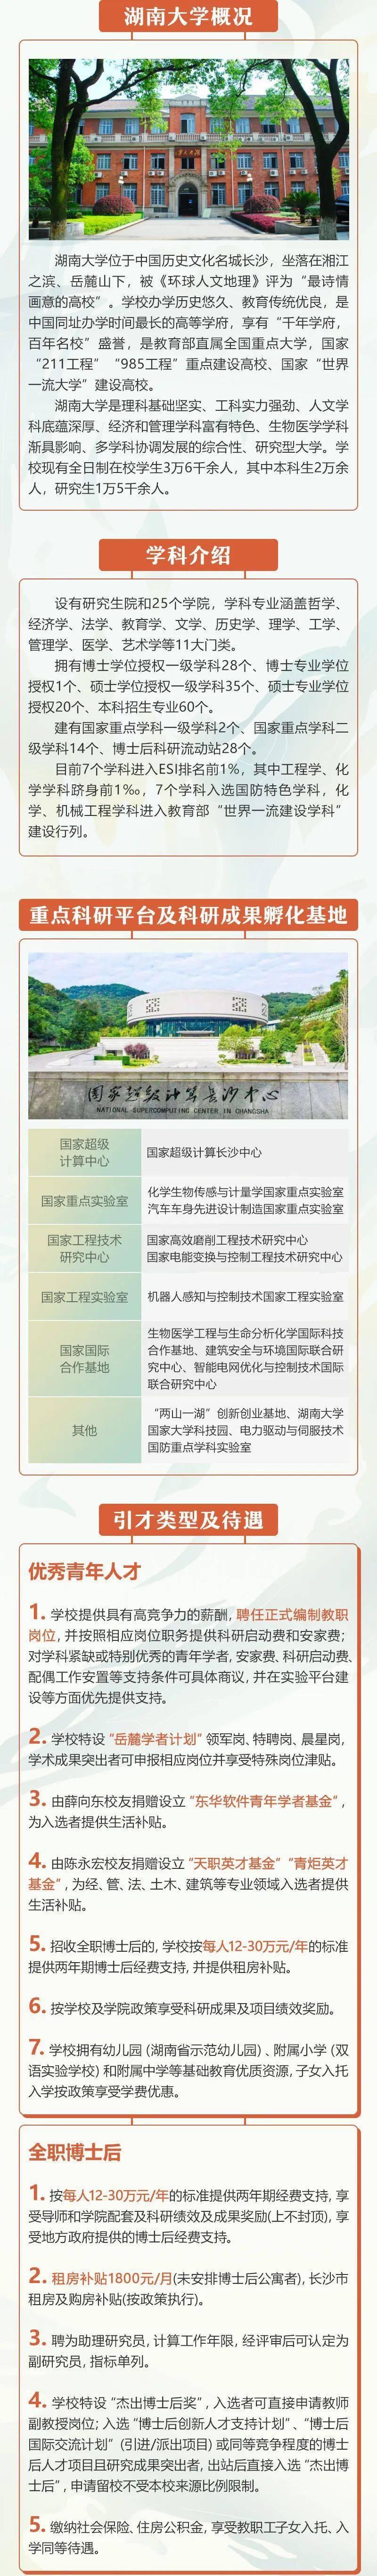 千年学府 麓山有约 湖南大学2020云论坛邀您参会